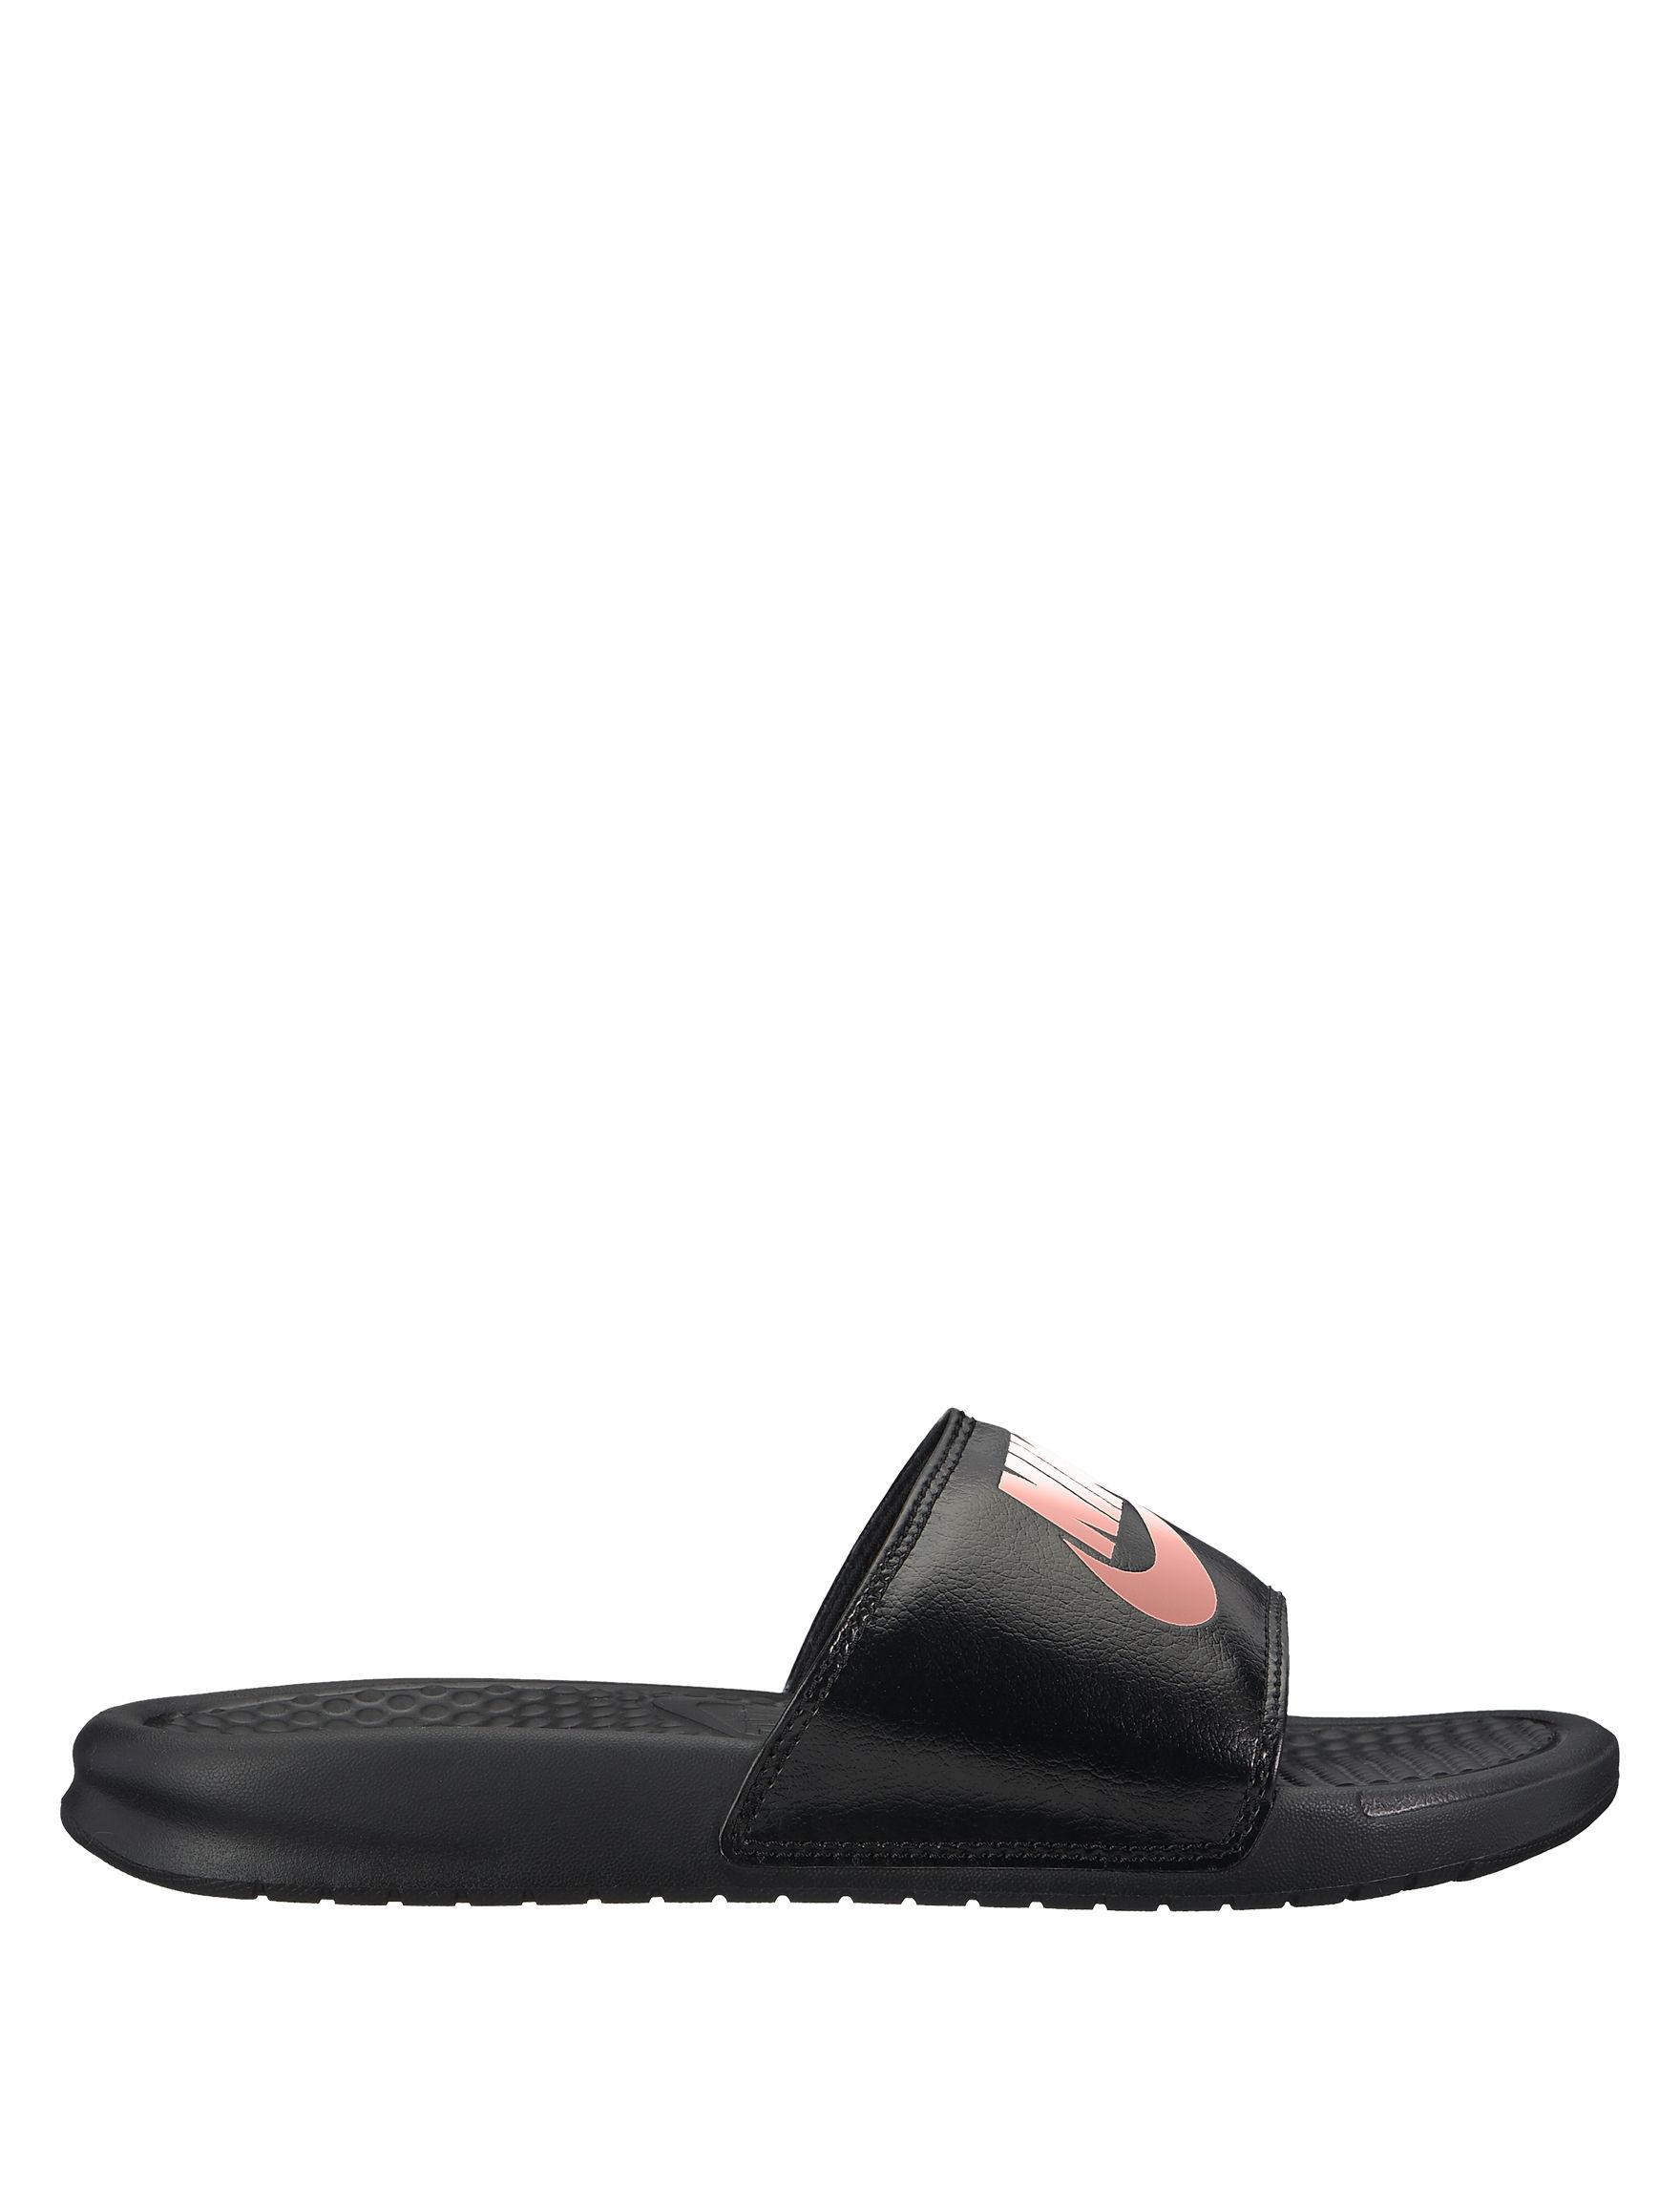 Nike Black Slide Sandals Sport Sandals